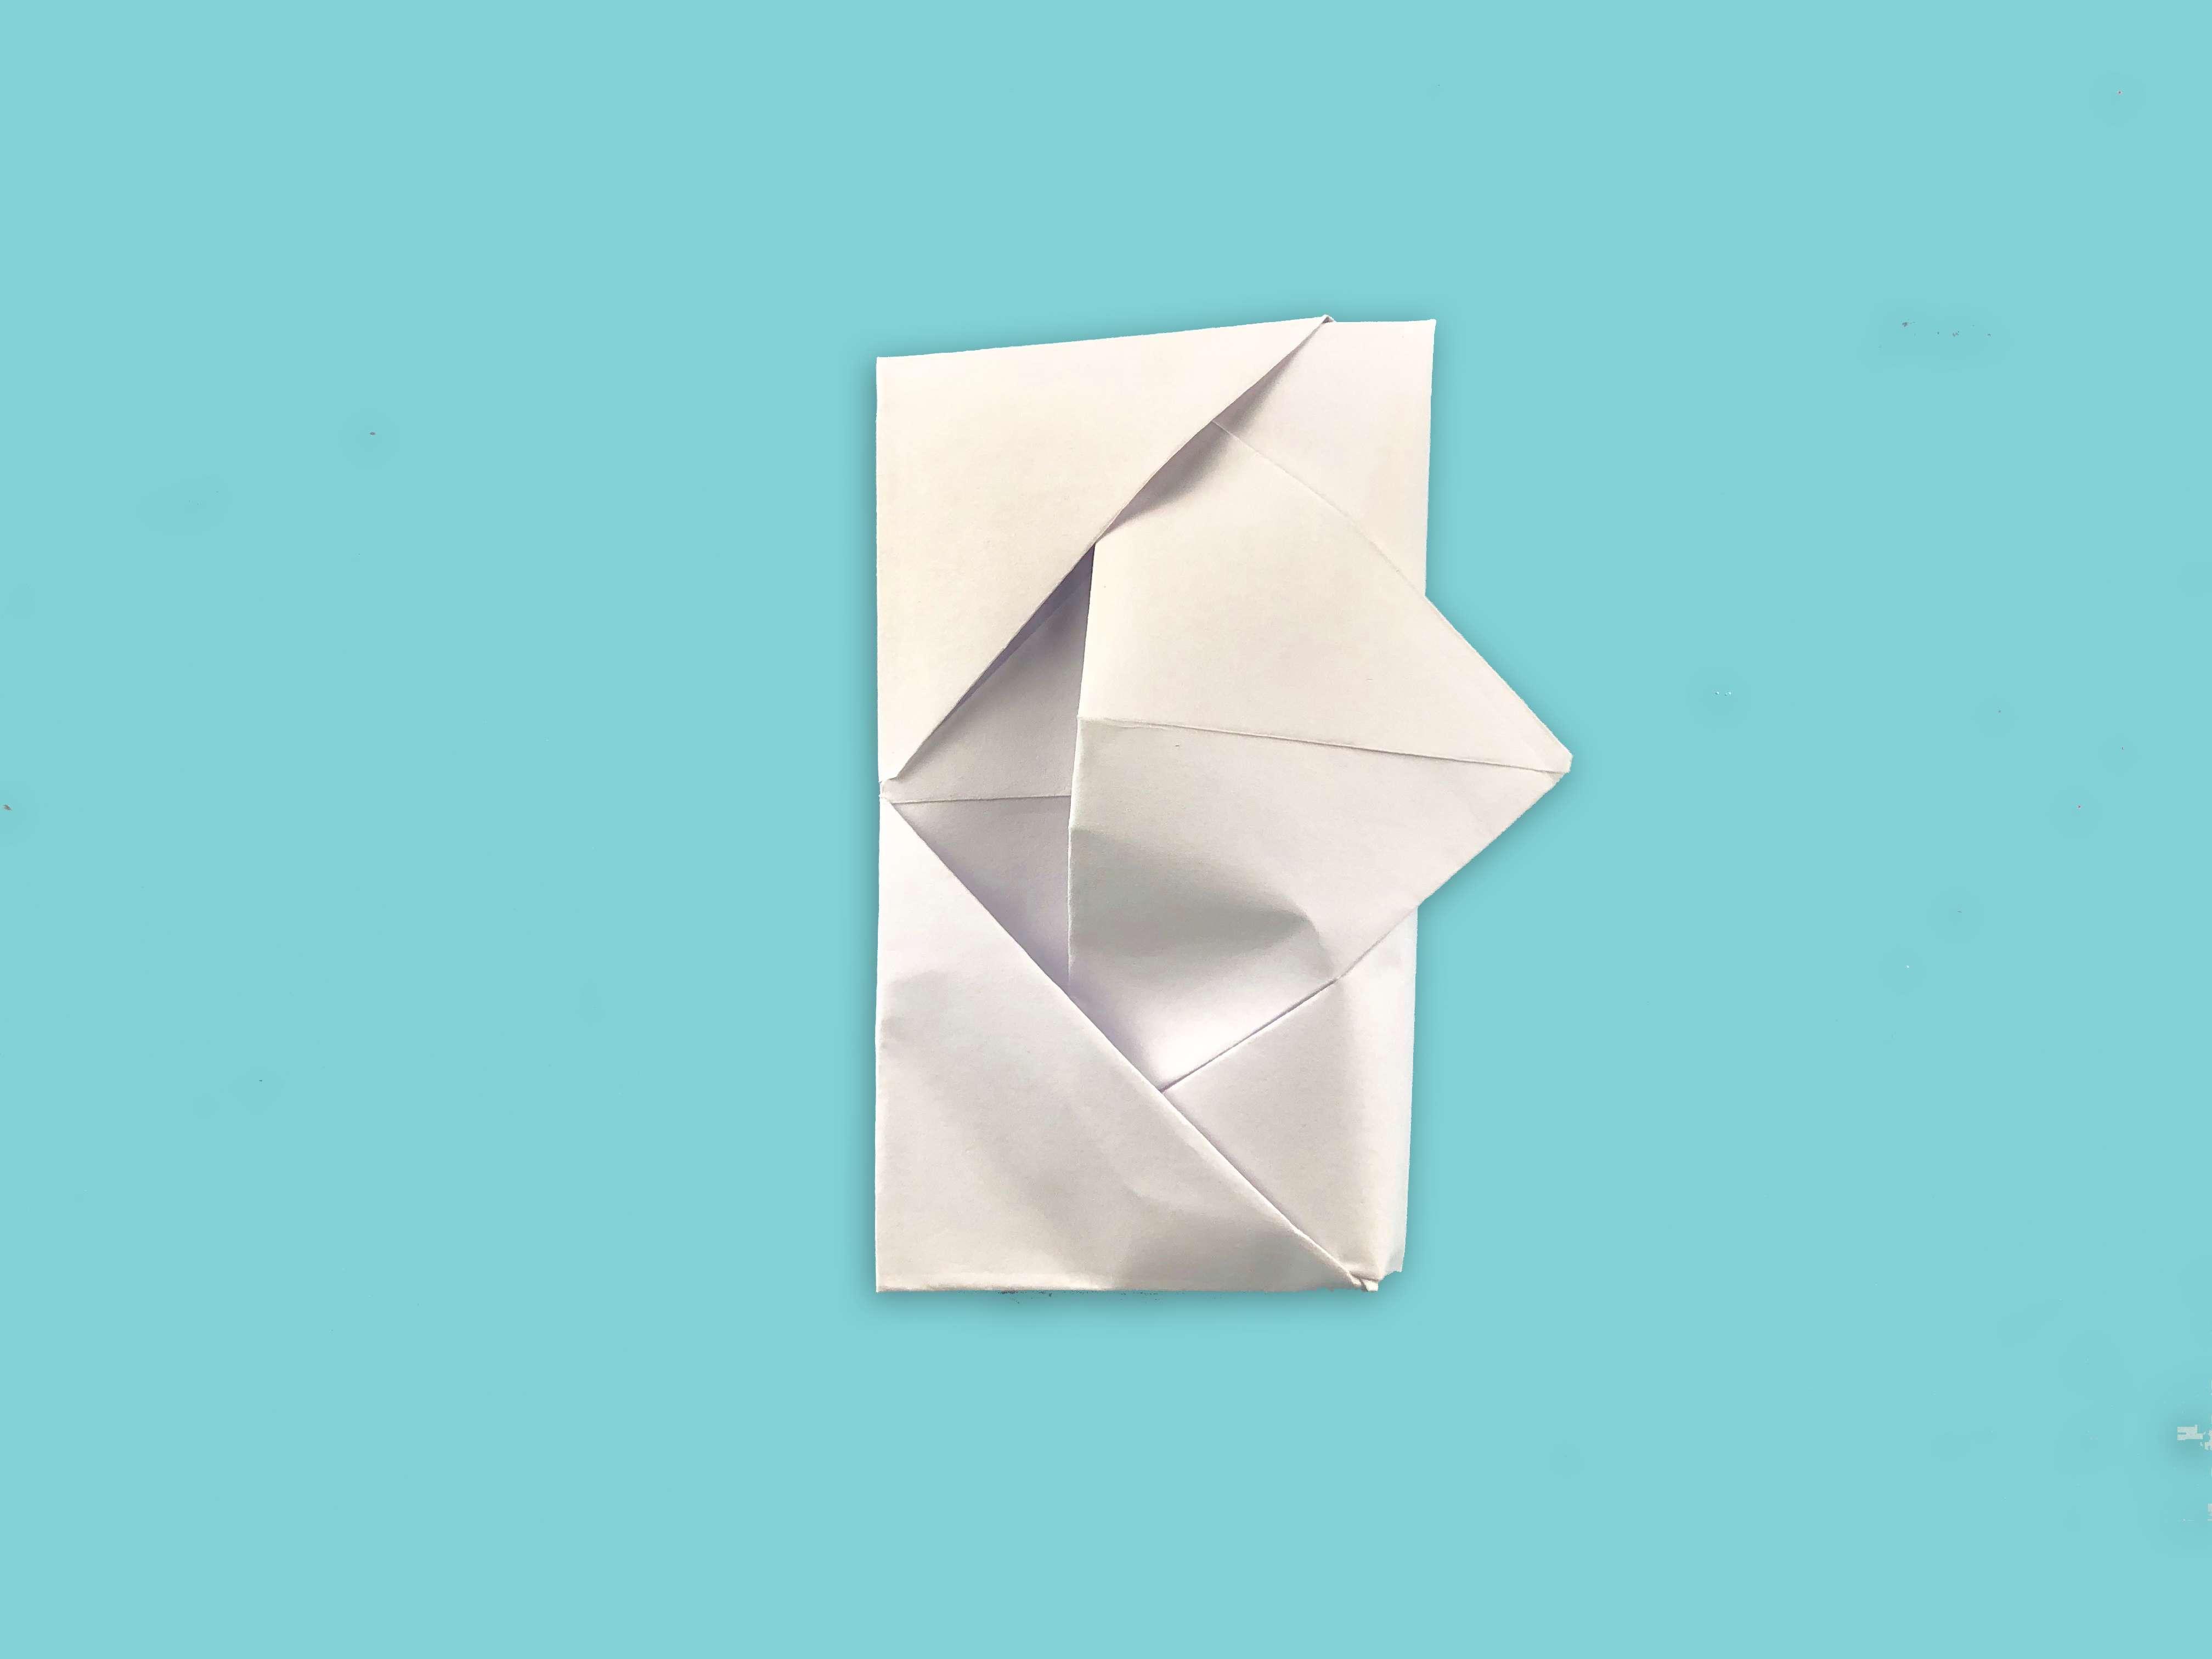 folds in corners